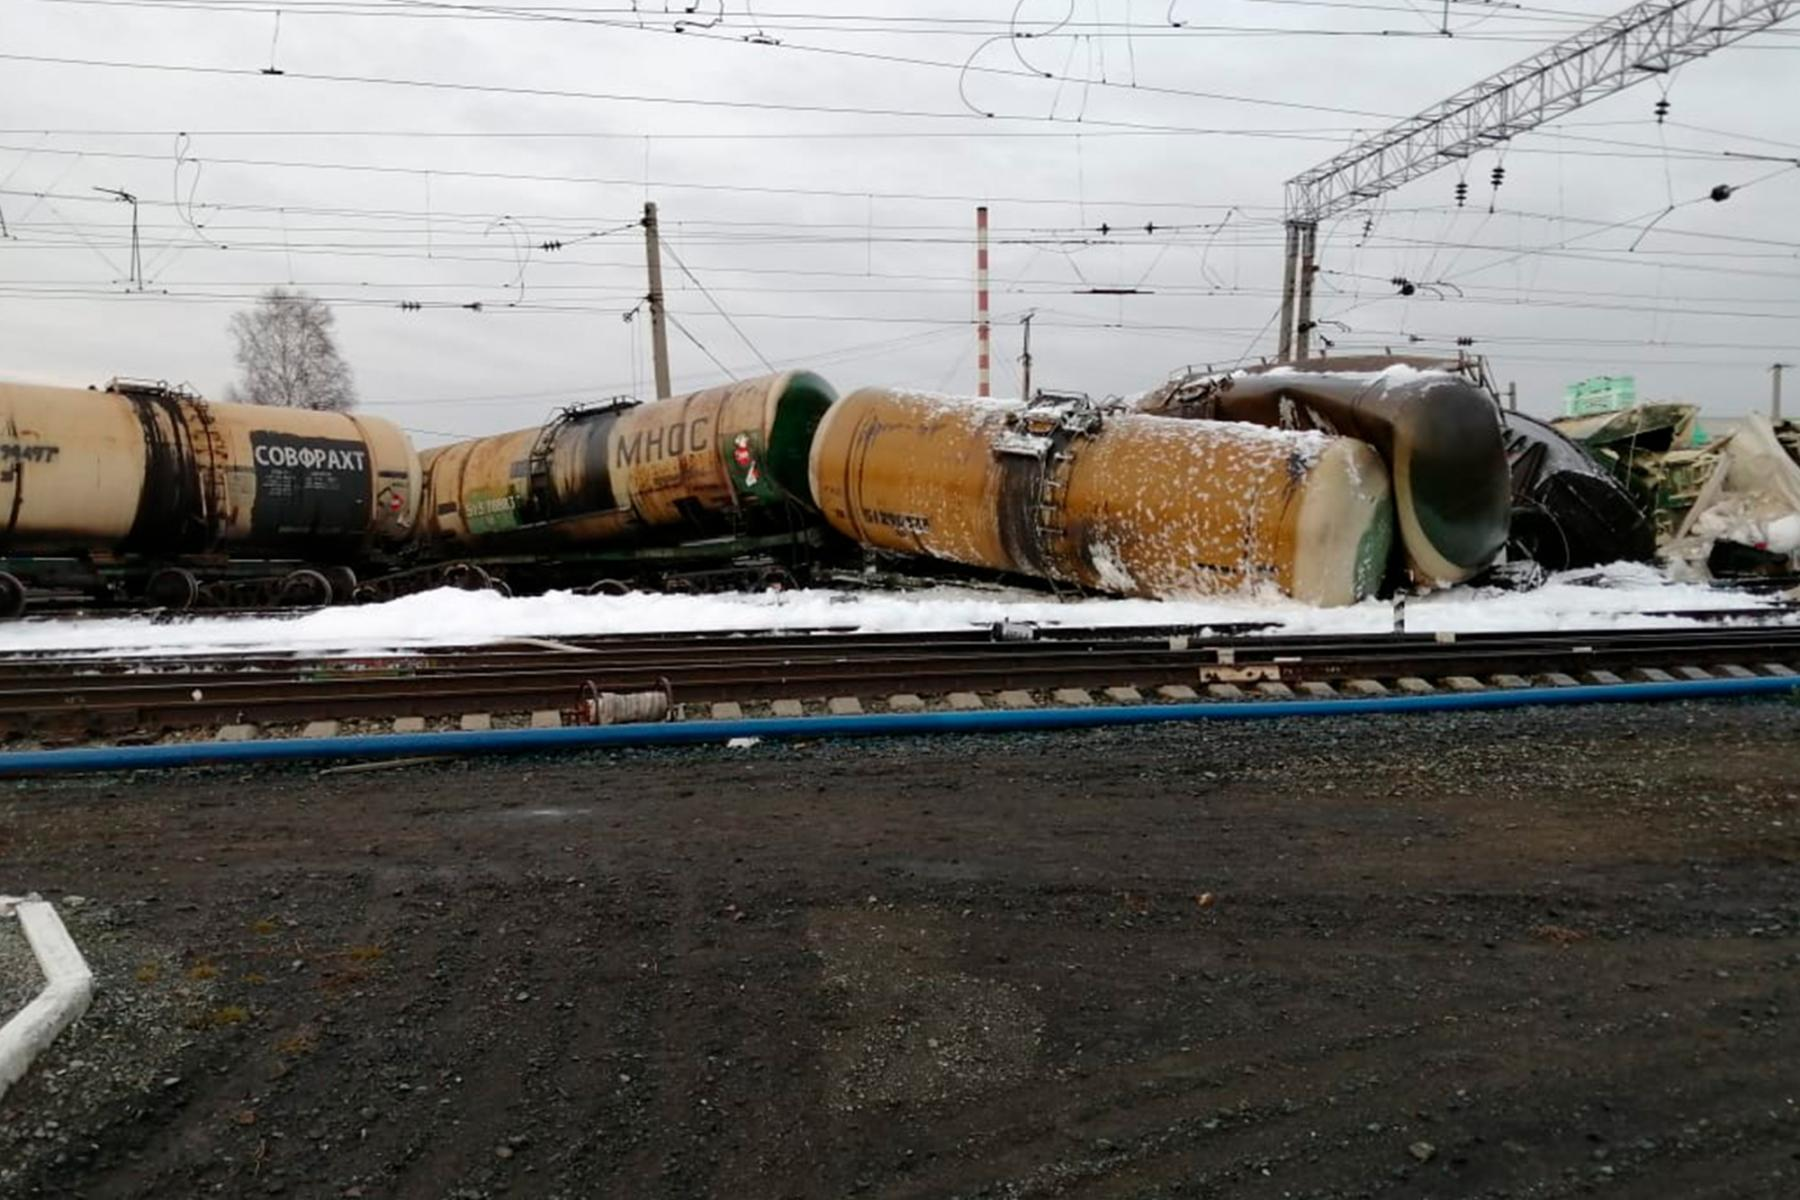 фото Появились фотографии с места массового схода вагонов в Новосибирской области 2